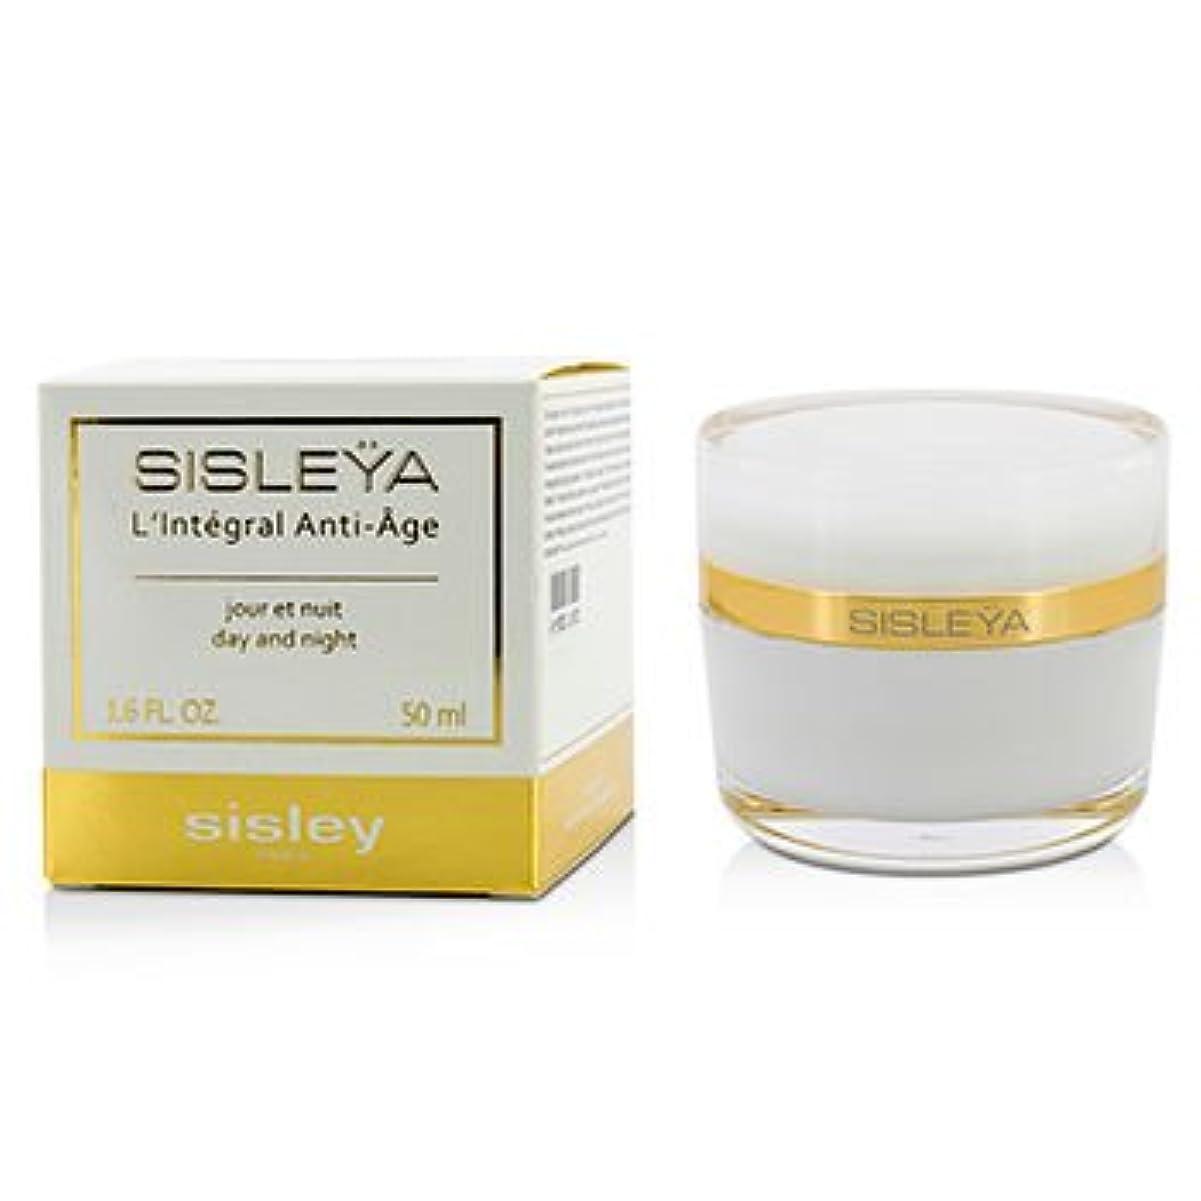 光景隠された栄光の[Sisley] Sisleya LIntegral Anti-Age Day And Night Cream 50ml/1.6oz